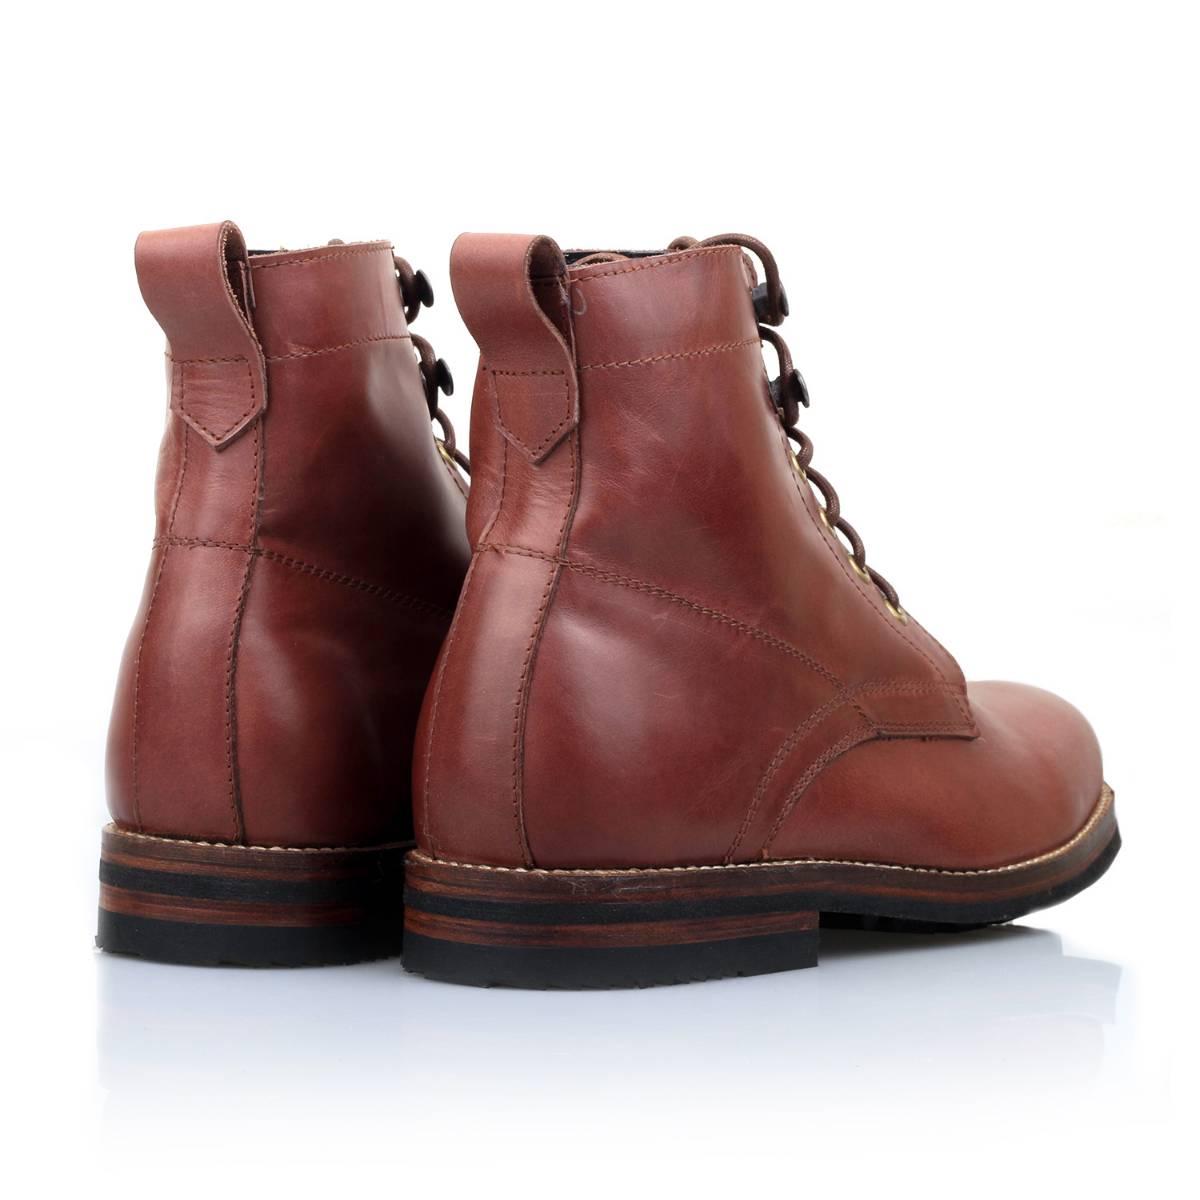 Sepatu Logan Wooded Mahogany Sentral Online Terpercaya Outletz Salt N Pepper Kemeja Pria Lengan Pendek 042 Red Mahogany3